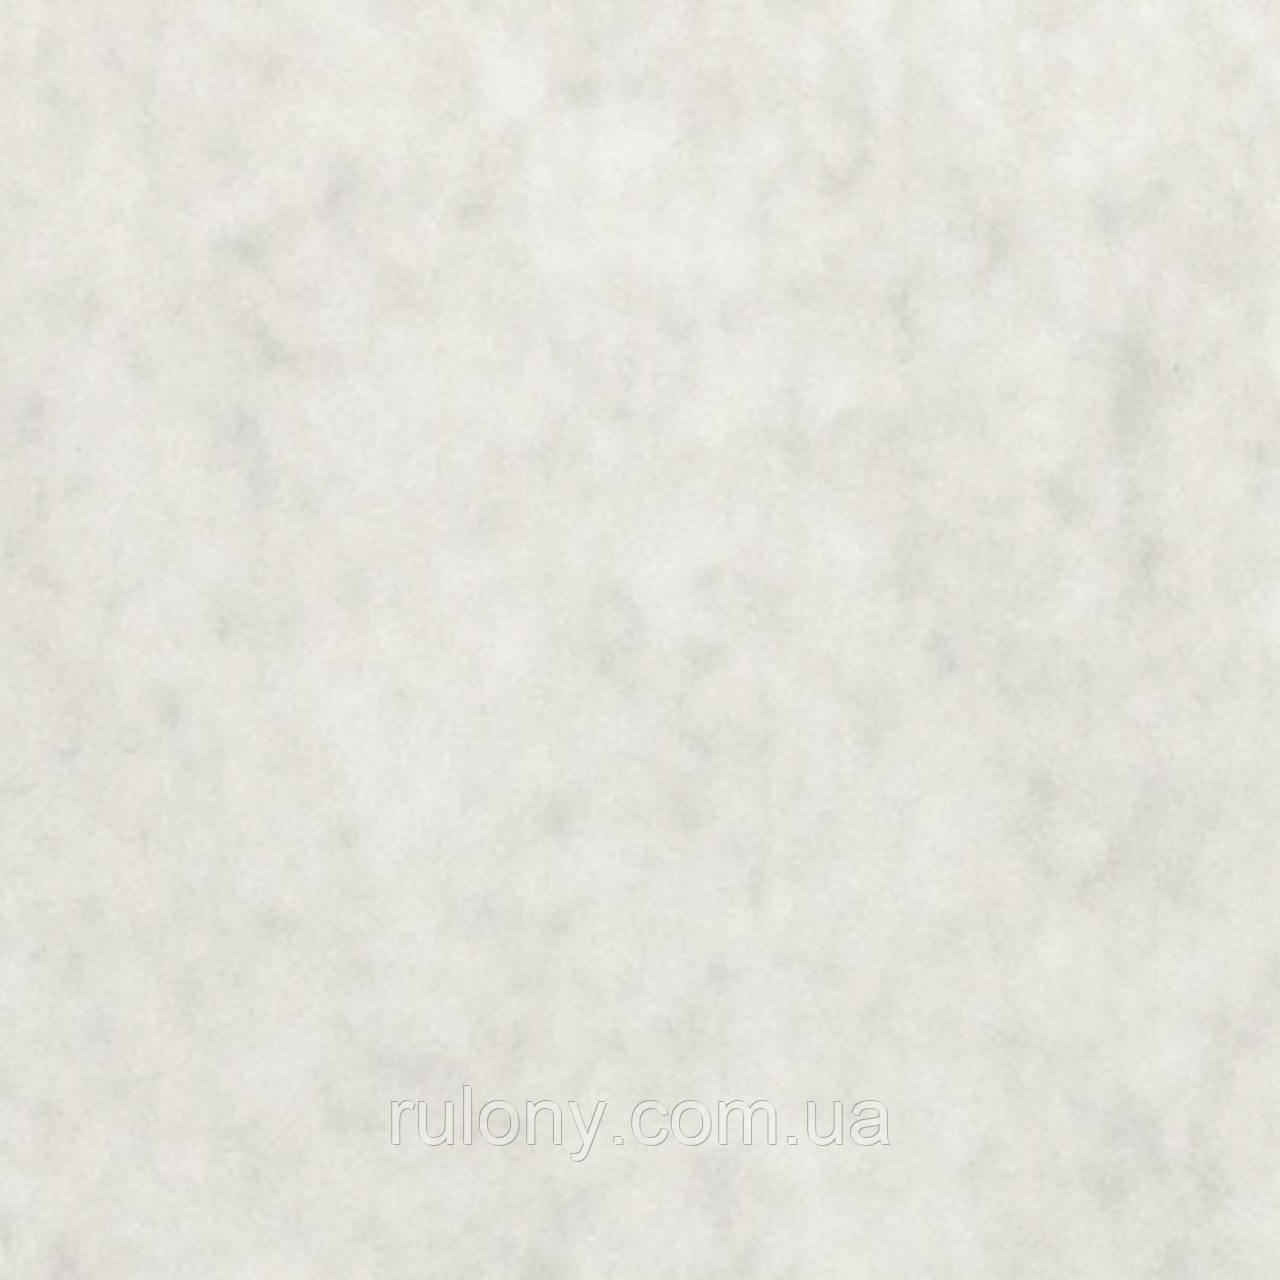 Калька бумажная в рулоне 841 мм. 40 г. 175 м., фото 1